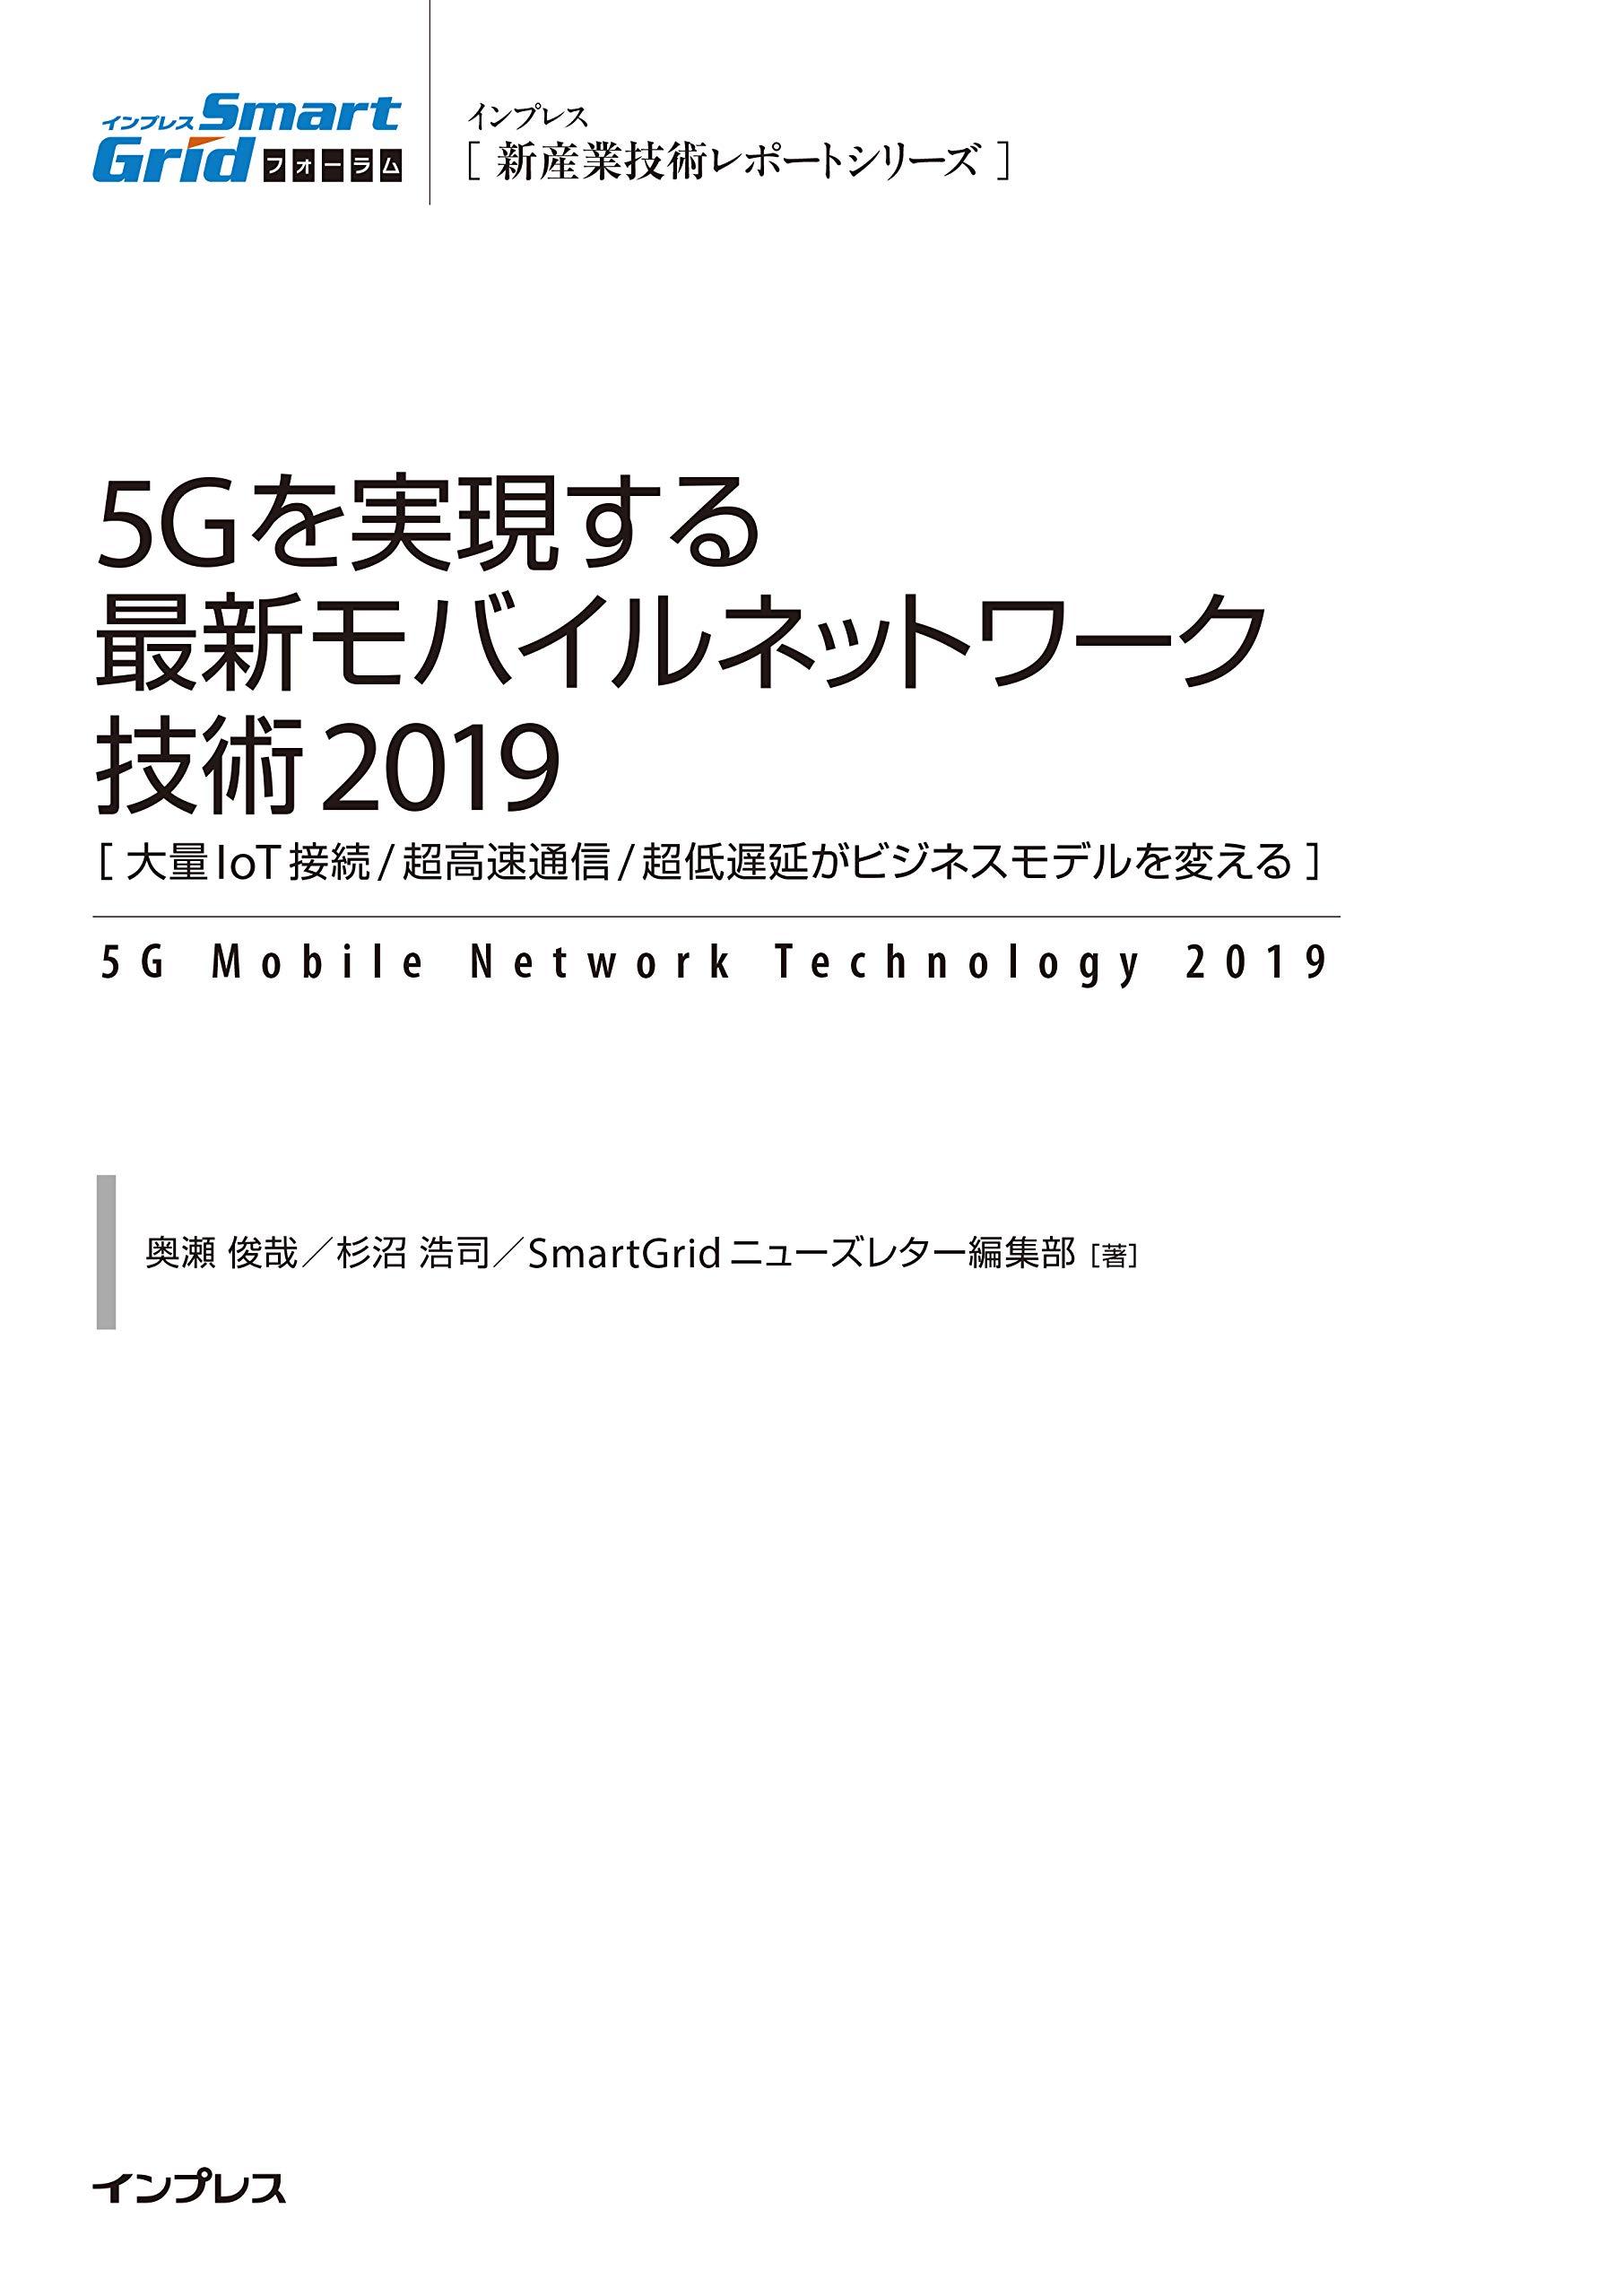 [大量IoT接続/超高速通信/超低遅延がビジネスモデルを変える]